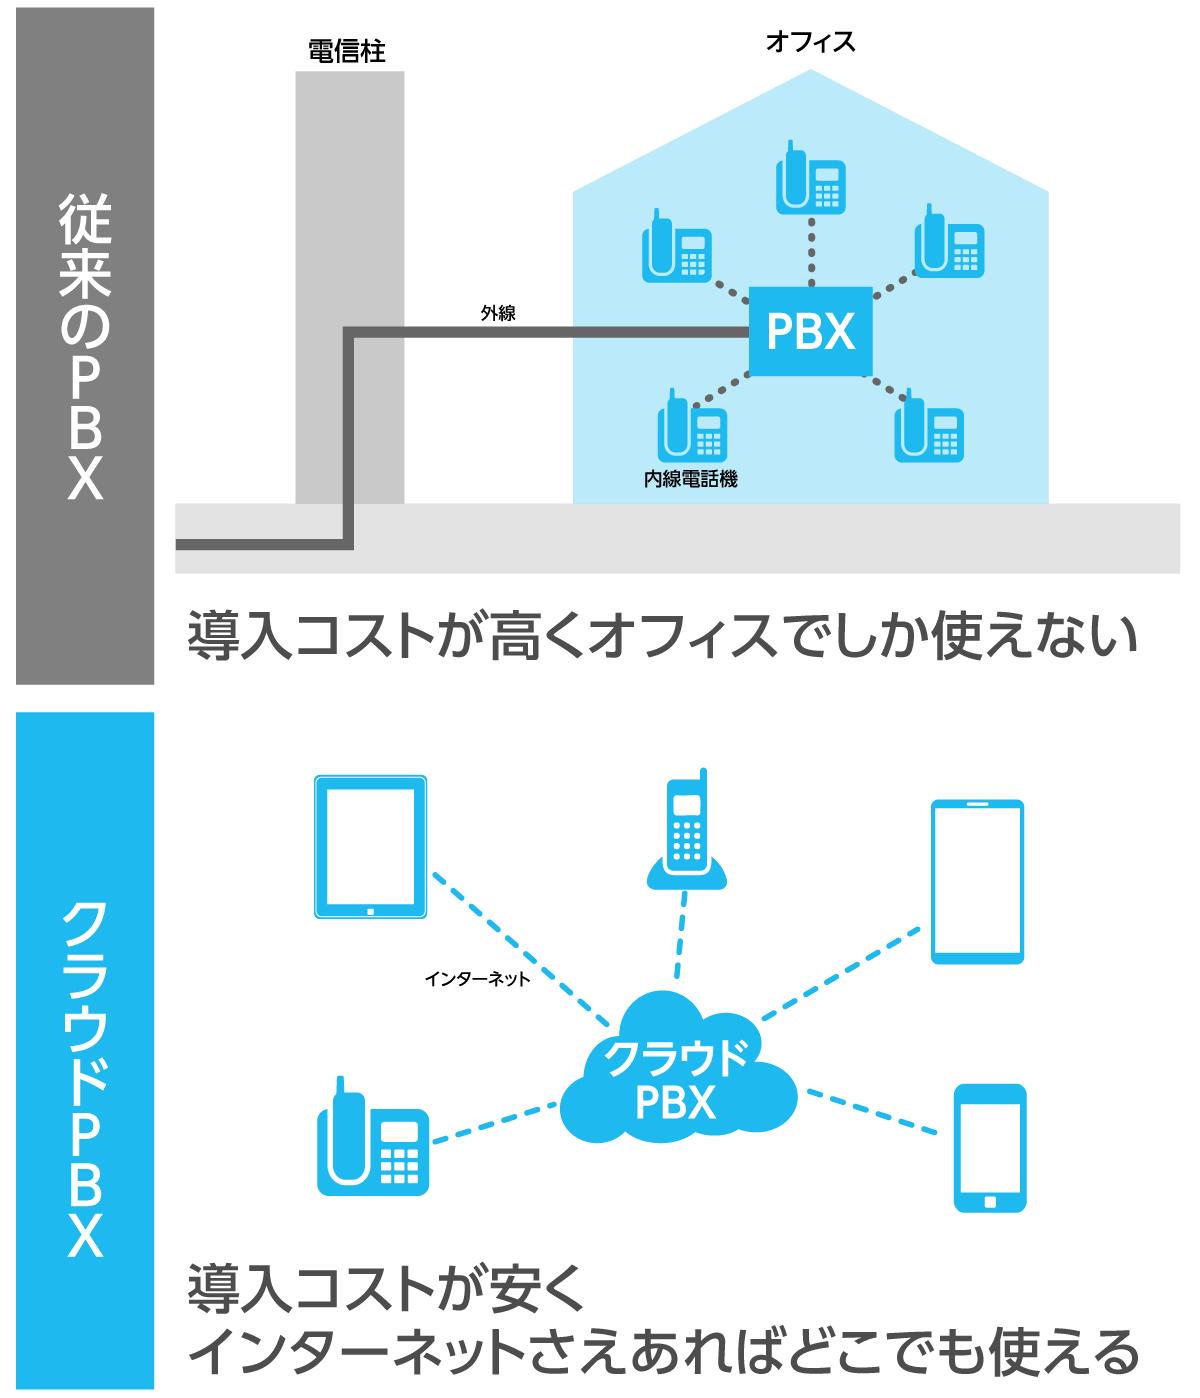 従来のPBXとクラウドPBXの違い